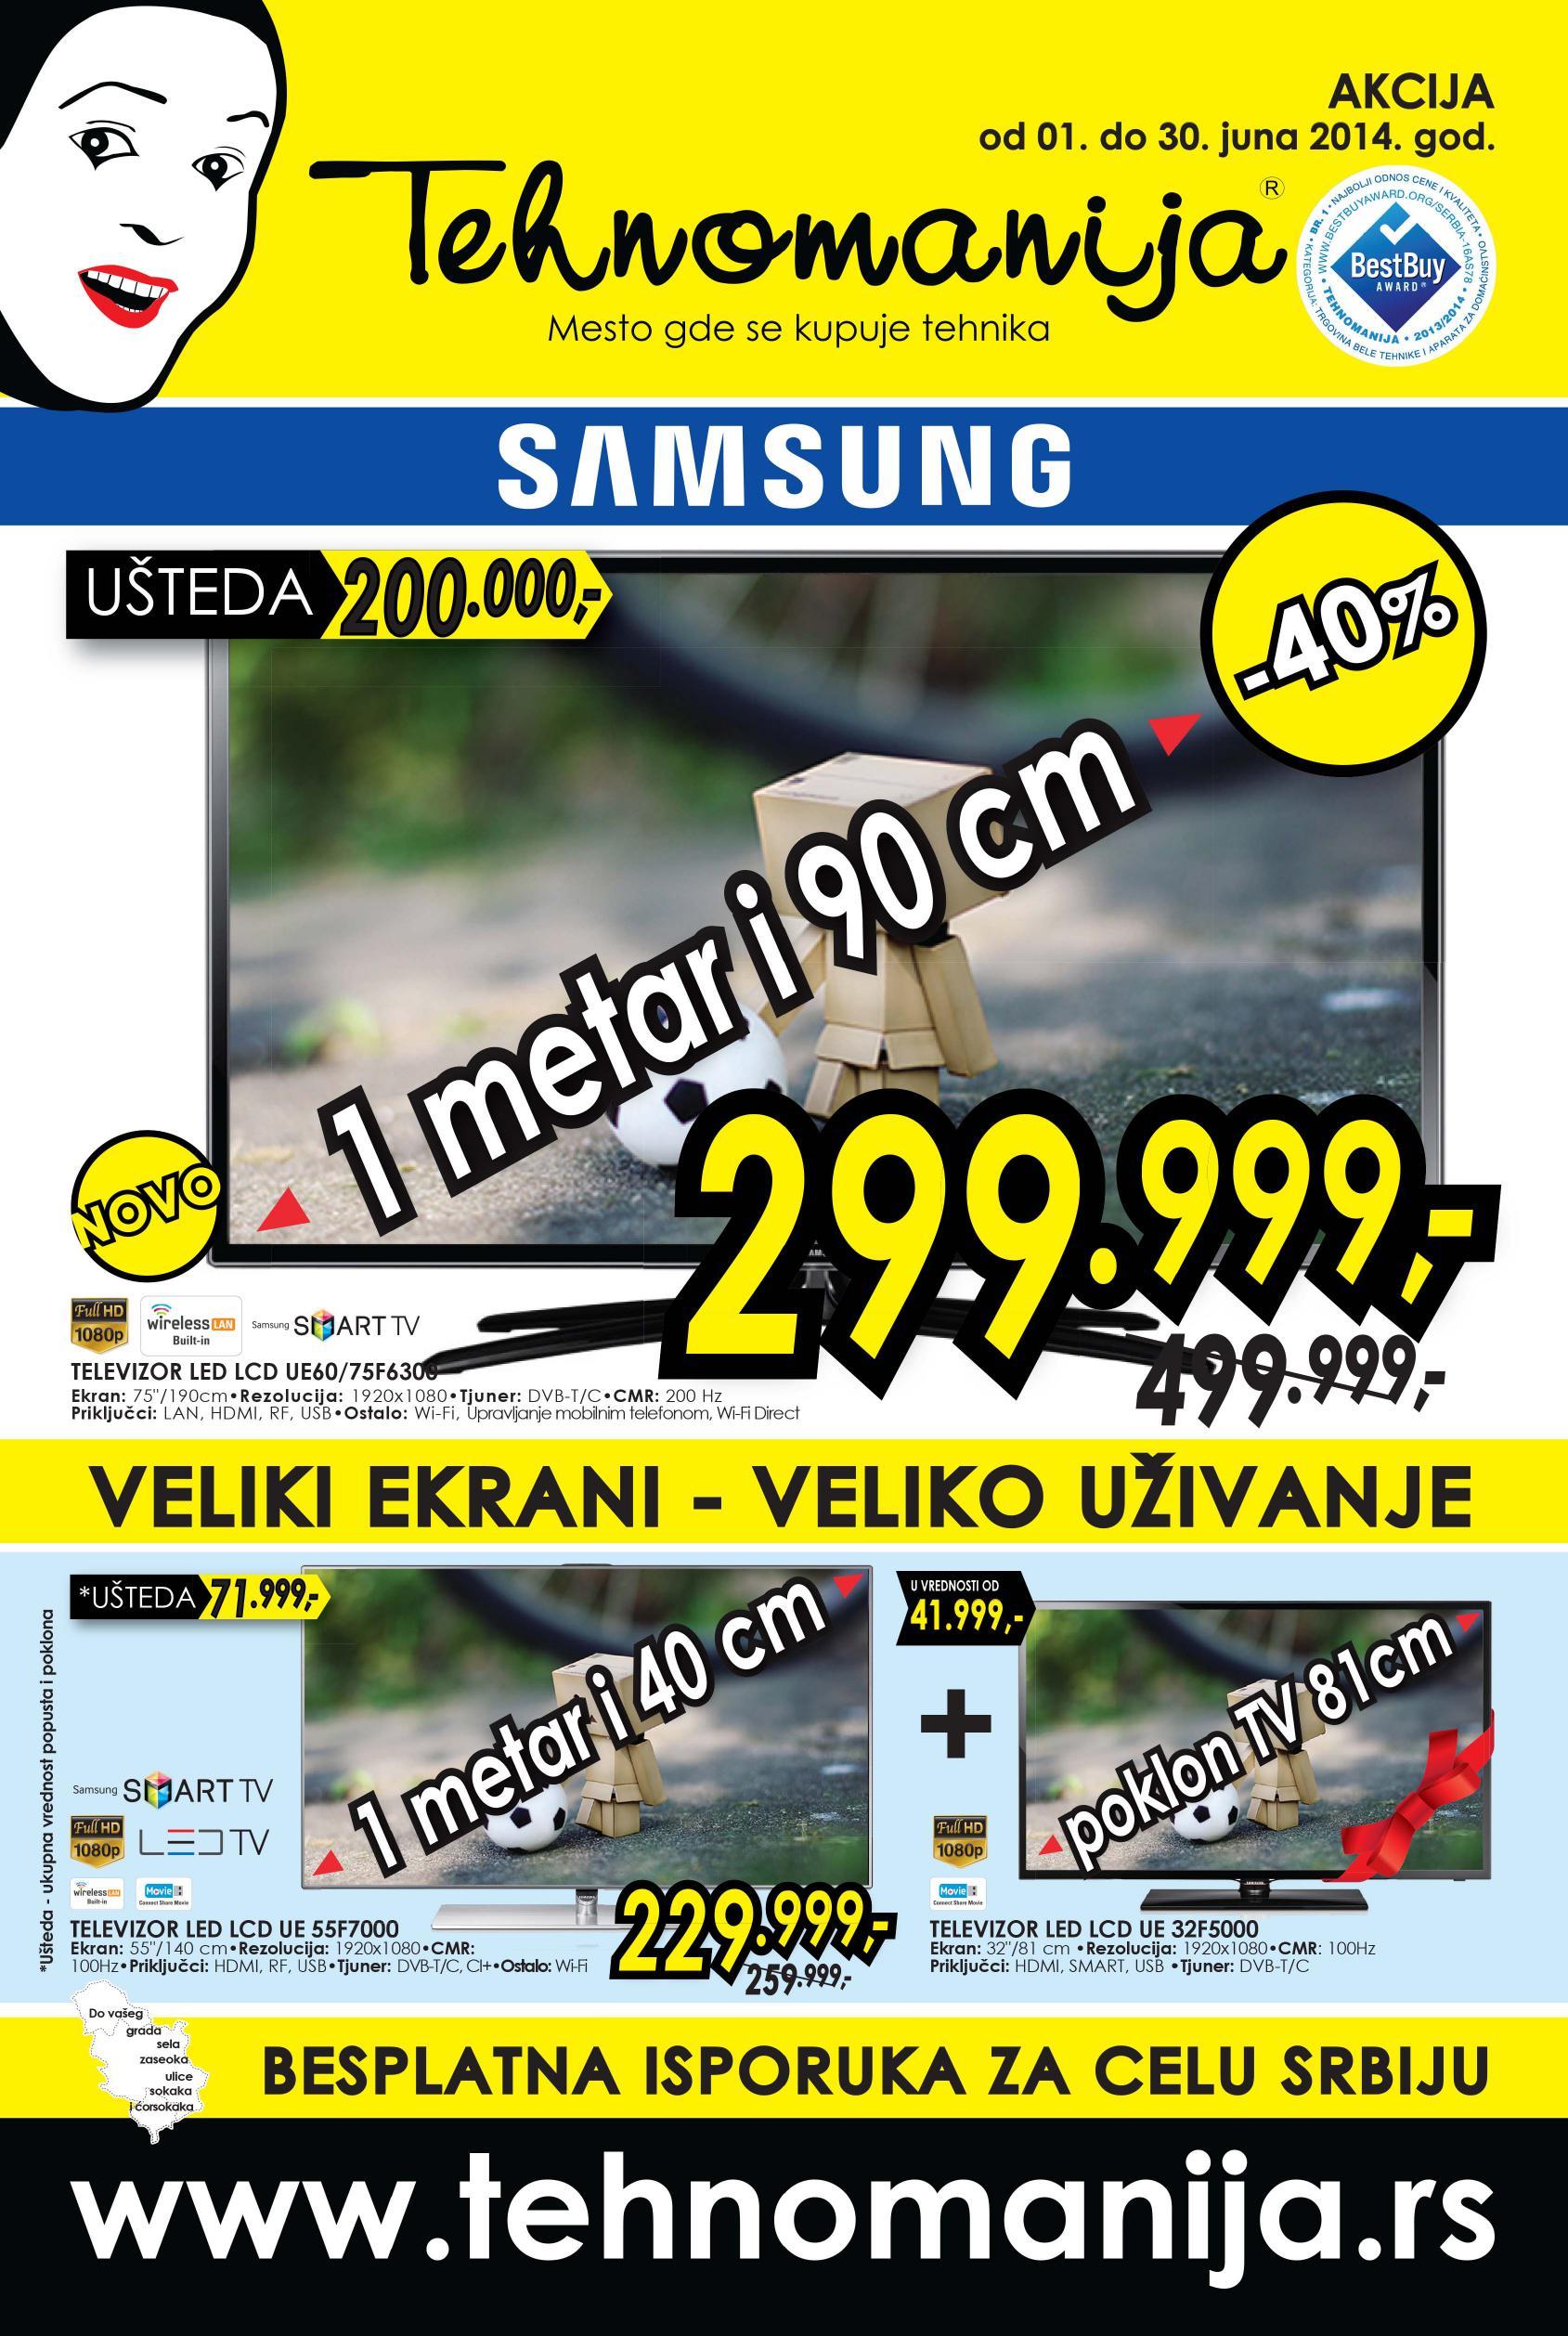 Tehnomanija akcija niske cene TV uređaja